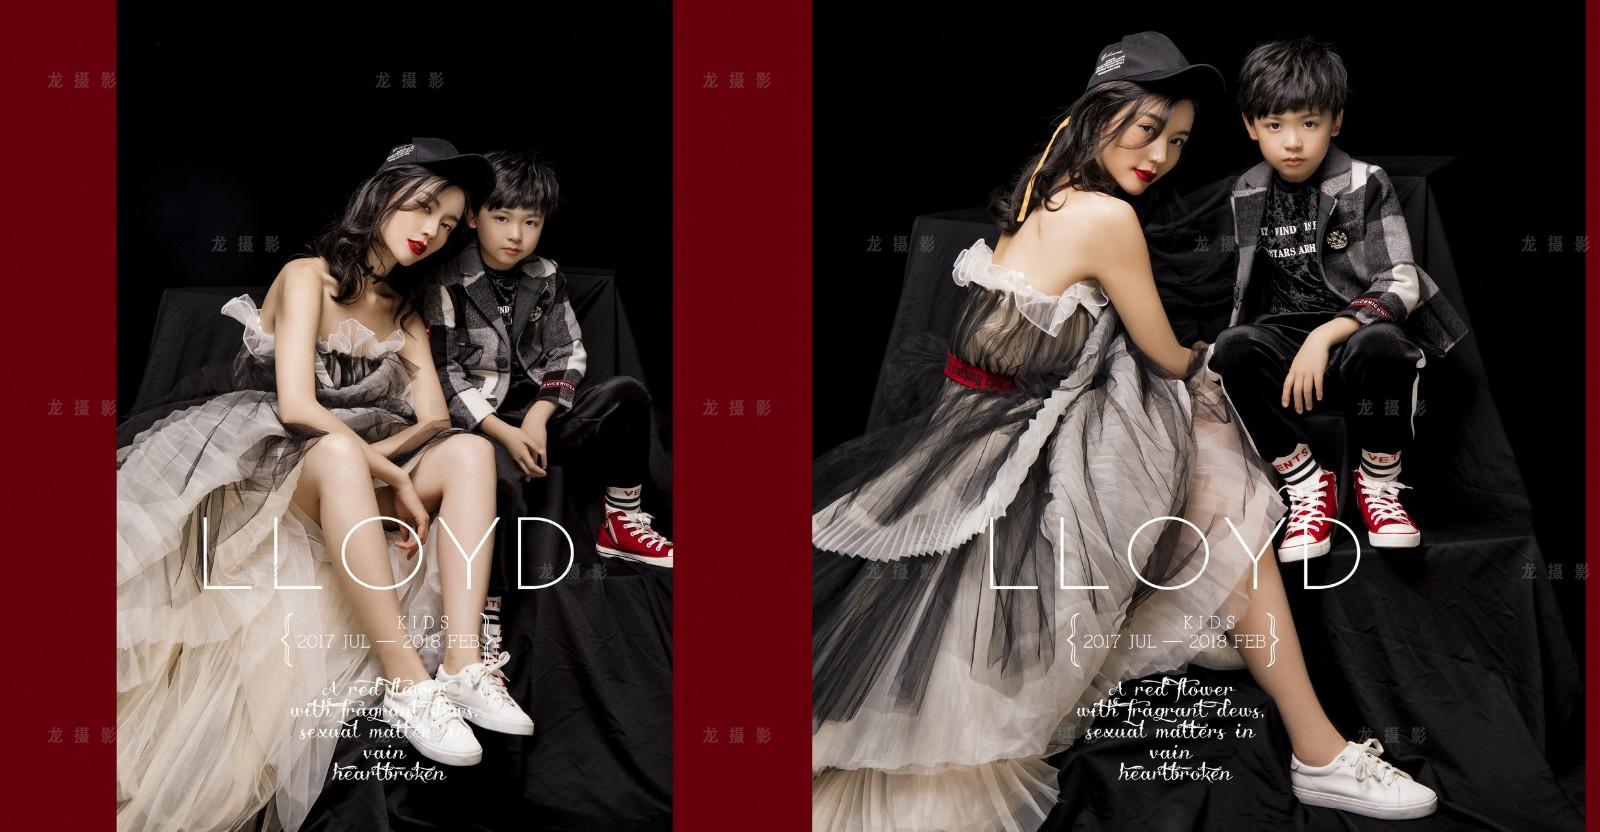 朋克系列|样片展示-朝阳尊爵龙摄影有限公司